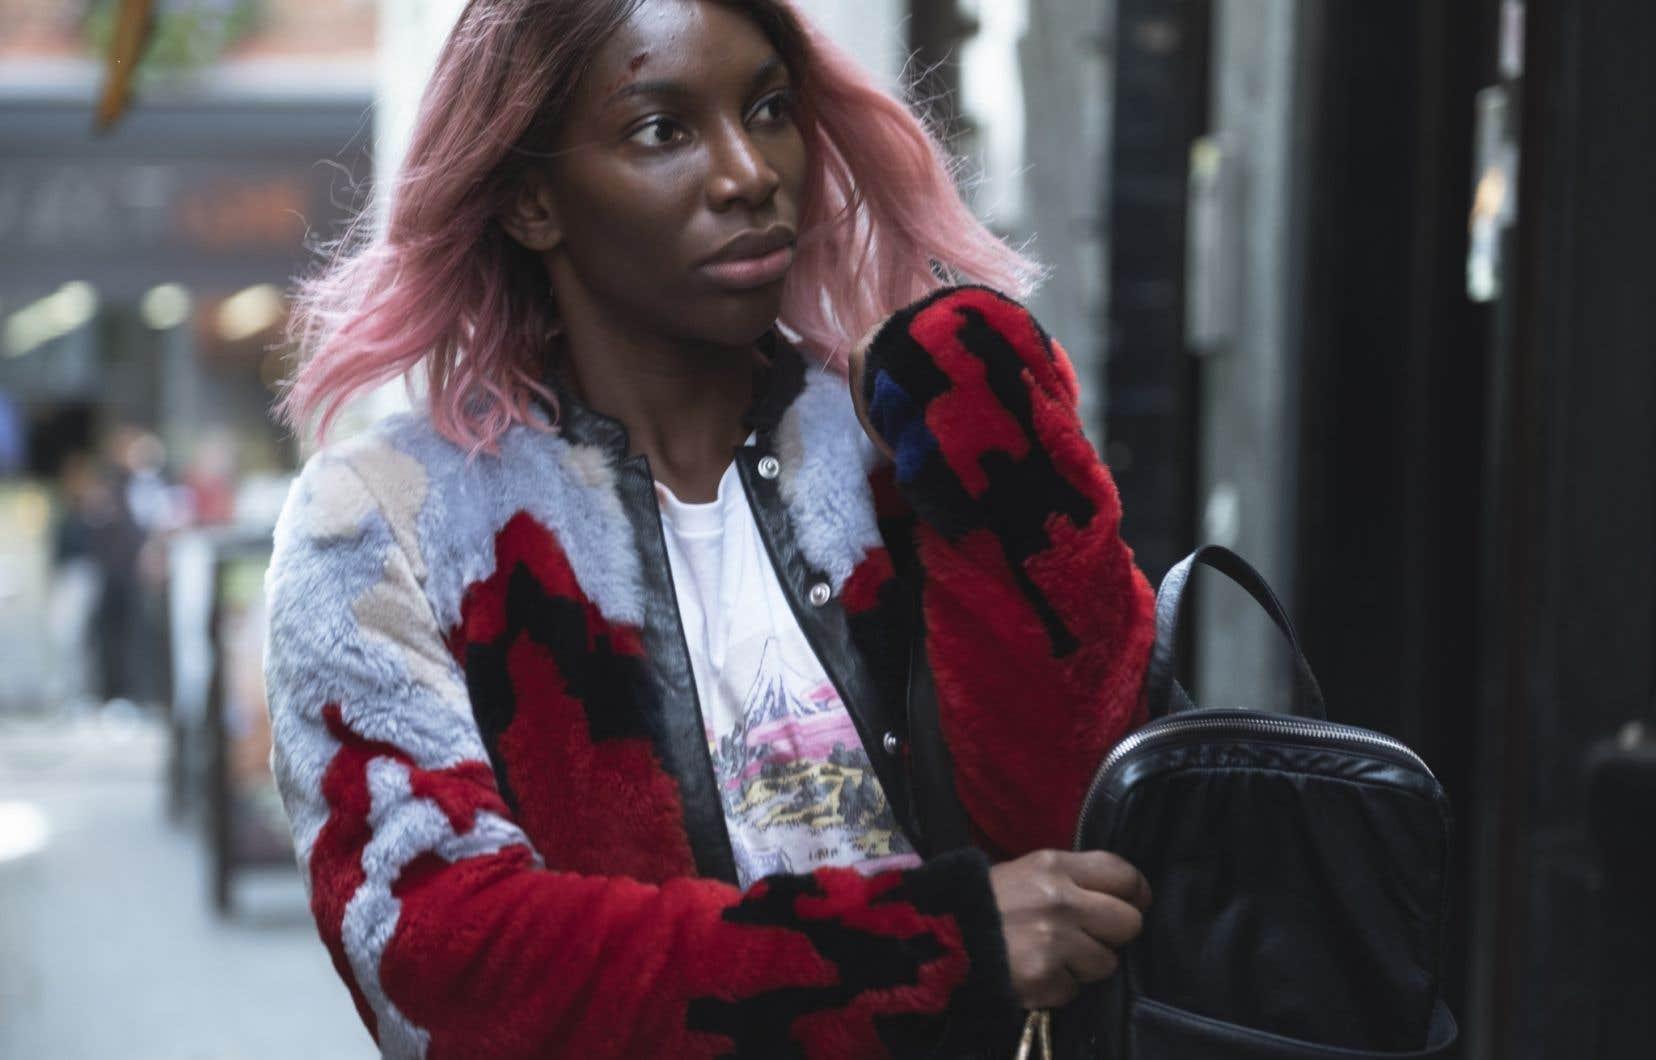 «I May Destroy You» est scénarisé, produit et coréalisé par Michaela Coel, qui tient aussi le rôle principal. Poète, chanteuse, dramaturge, l'artiste née à Londres a remporté en 2016 deux prix BAFTA pour sa série comique «Chewing Gum».